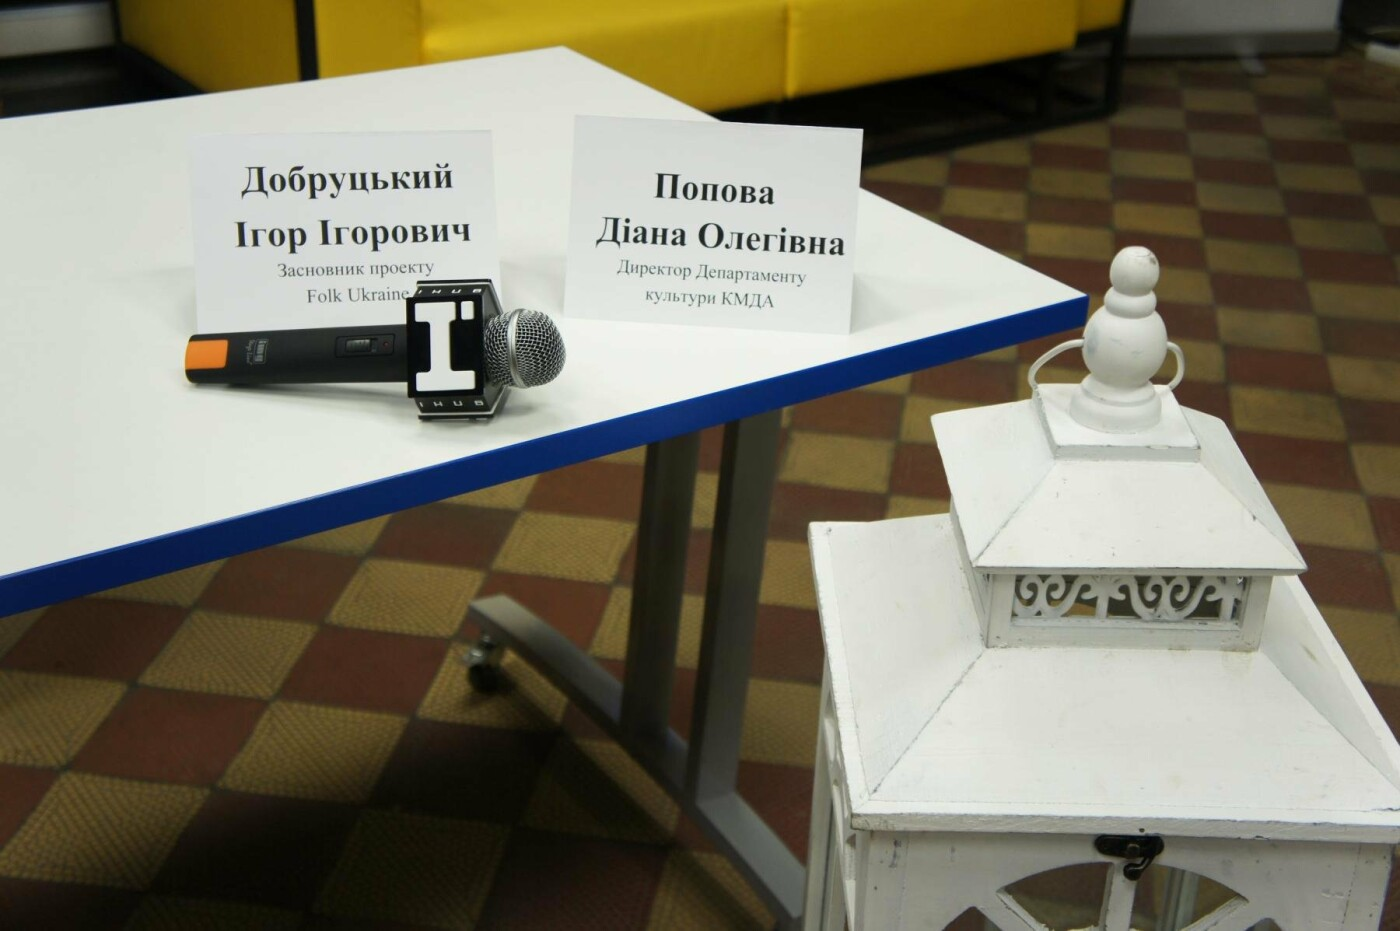 Новогодняя конференция: в Киеве обсудили культурную программу, фото-2